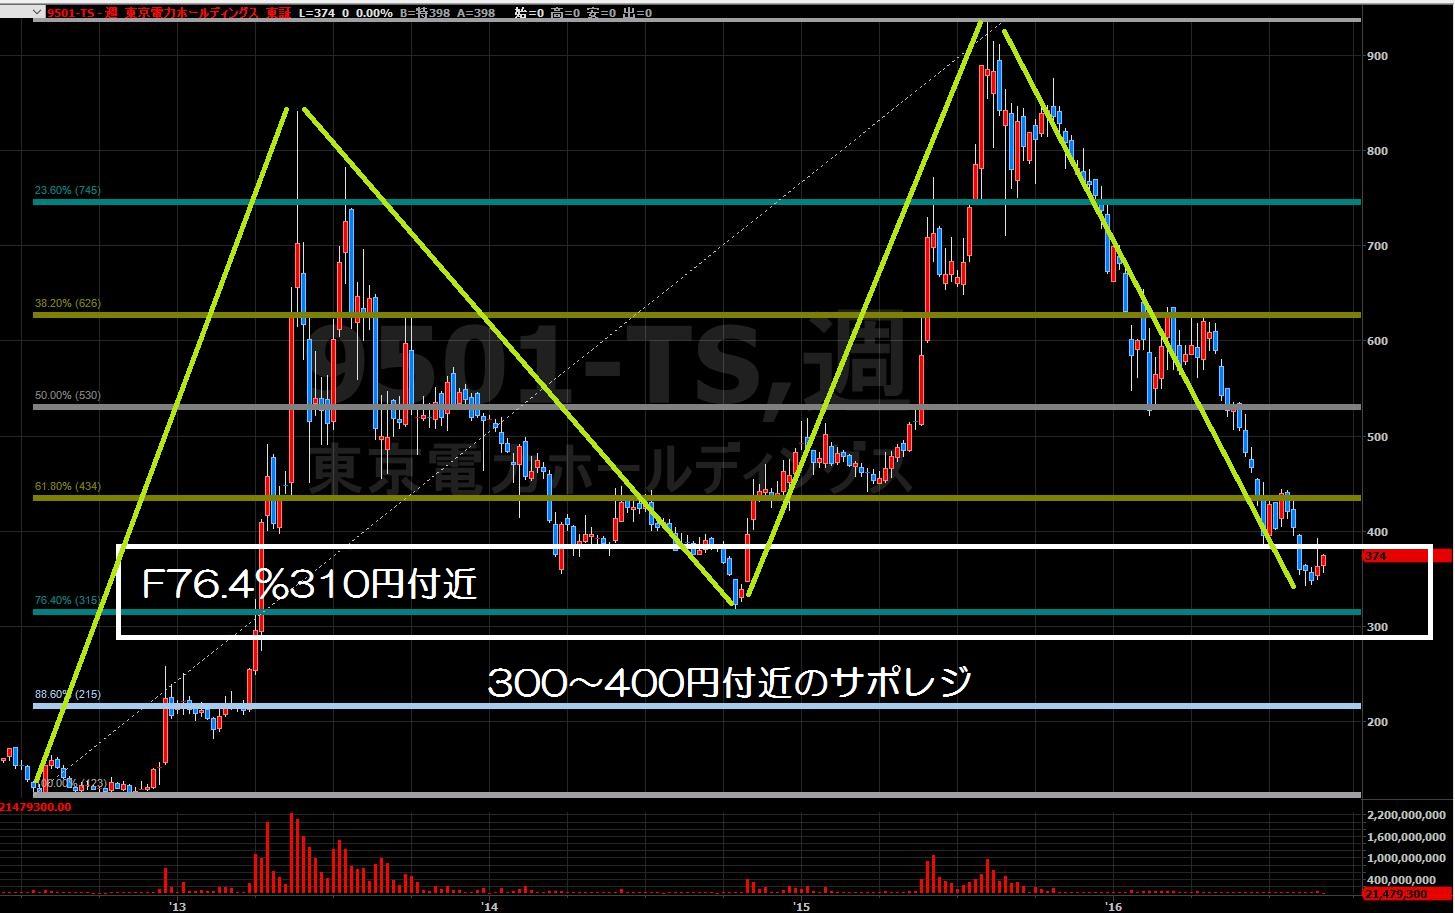 16.8.31東京電力株価-サポレジ-min (1)